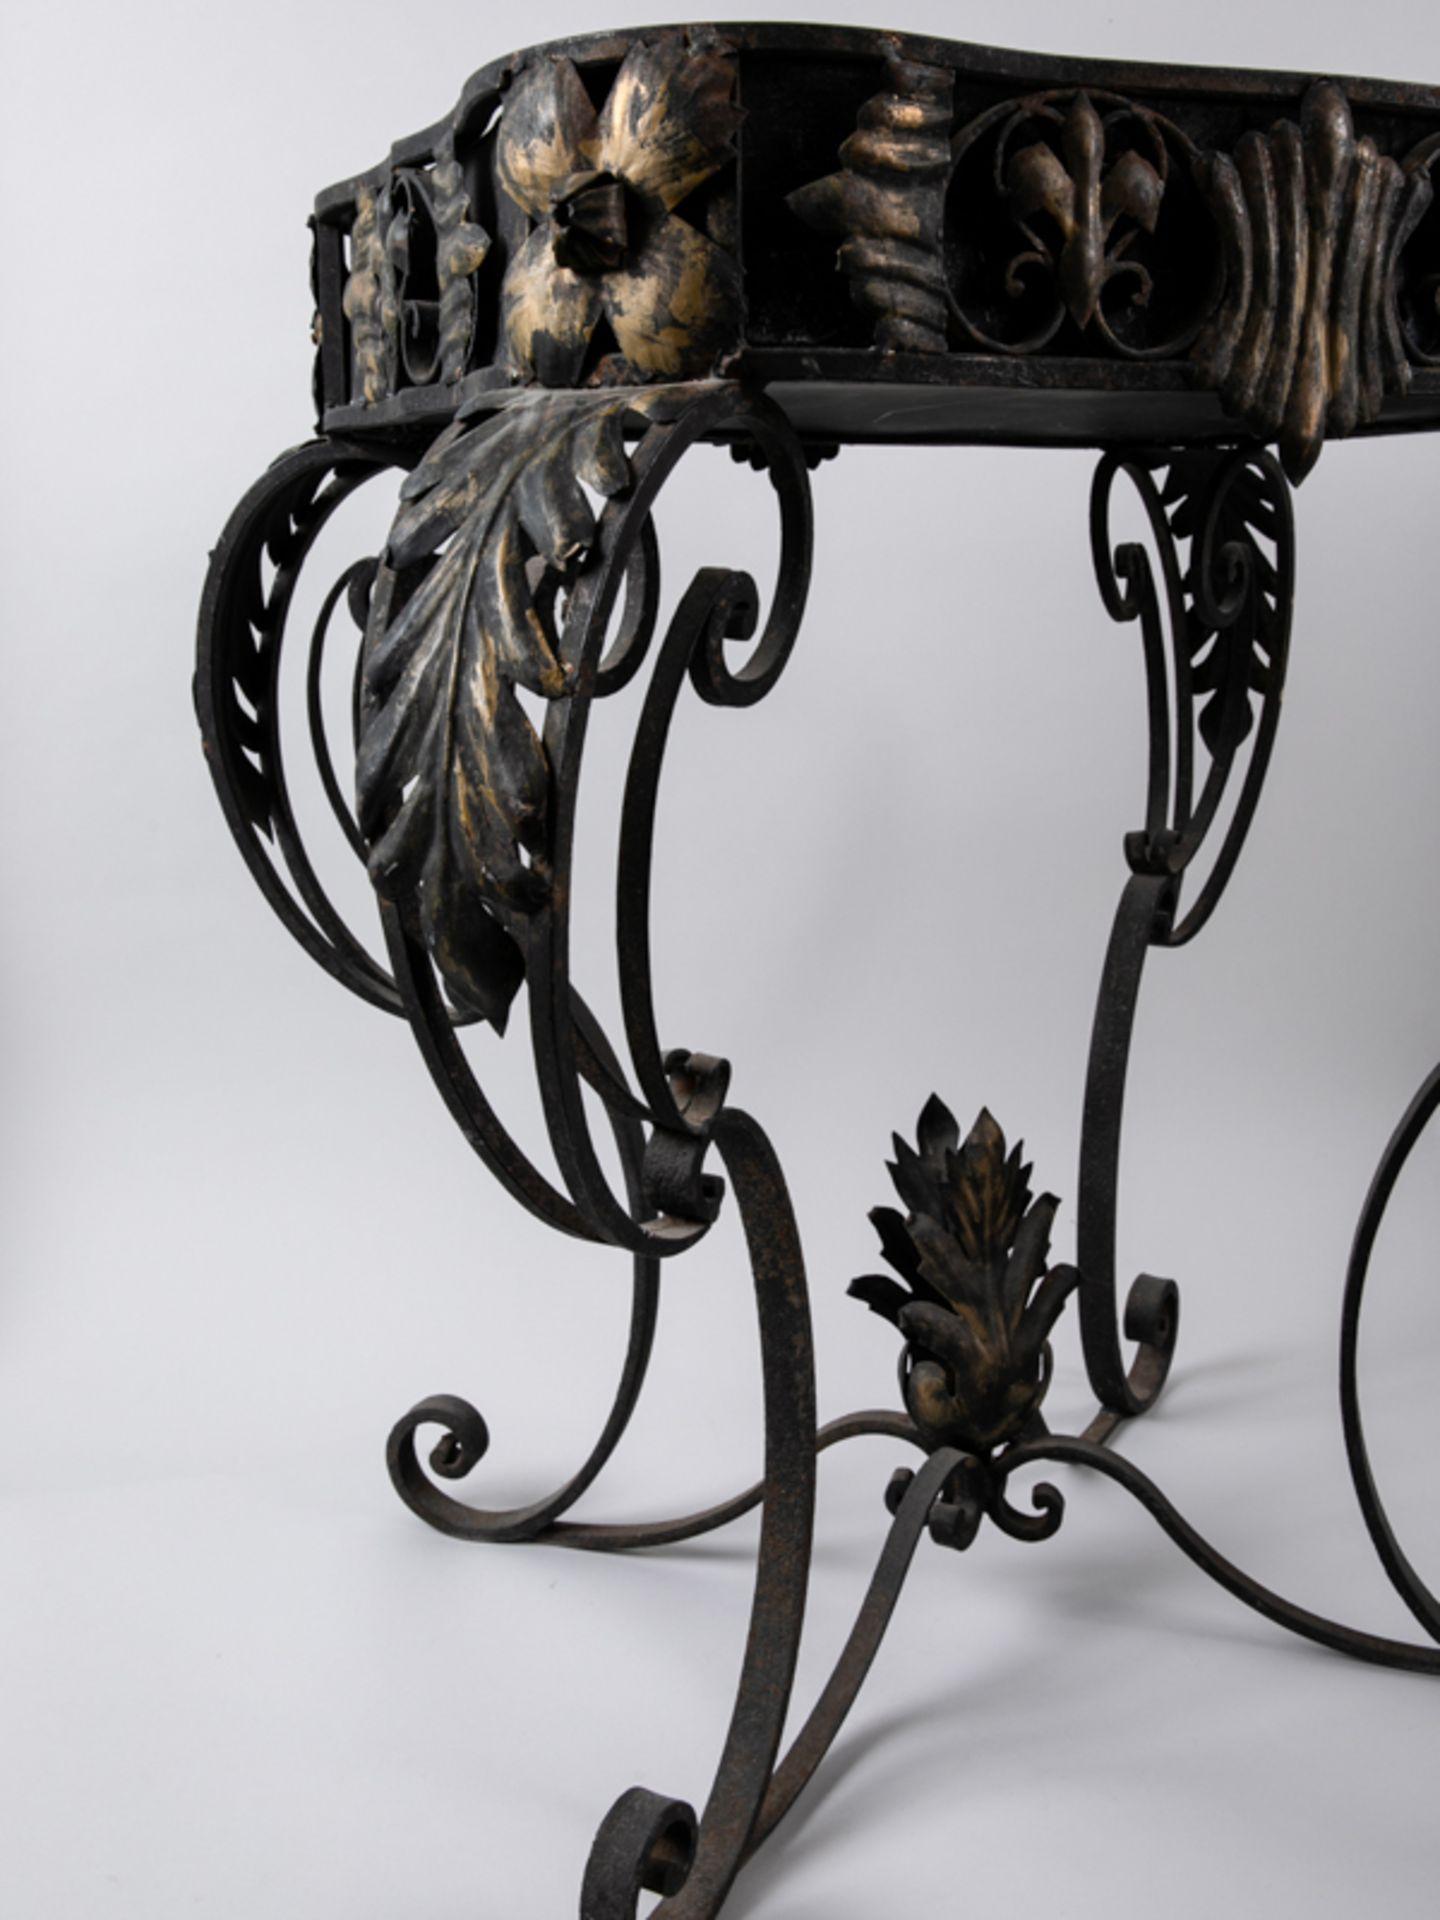 Blumen- bzw. Konsoltisch im Barockstil, 2. Hälfte 20. Jh. Eisengestell mit Holzplatte, Metall - Bild 4 aus 6